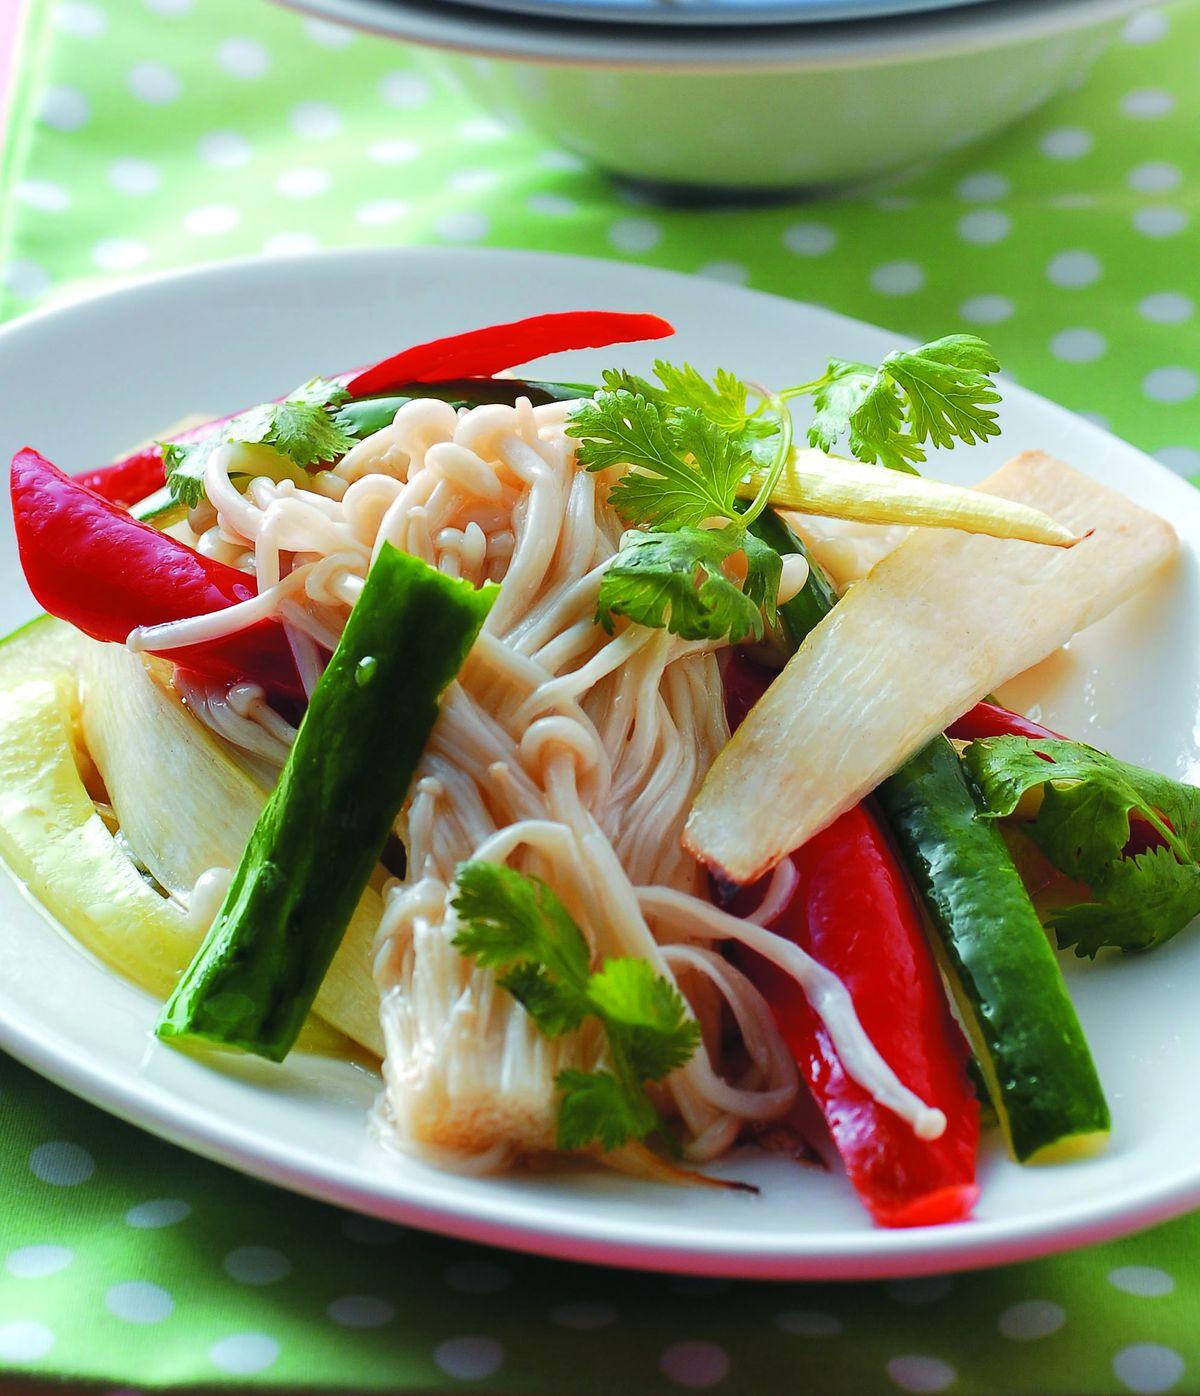 食譜:金針菇炒黃瓜